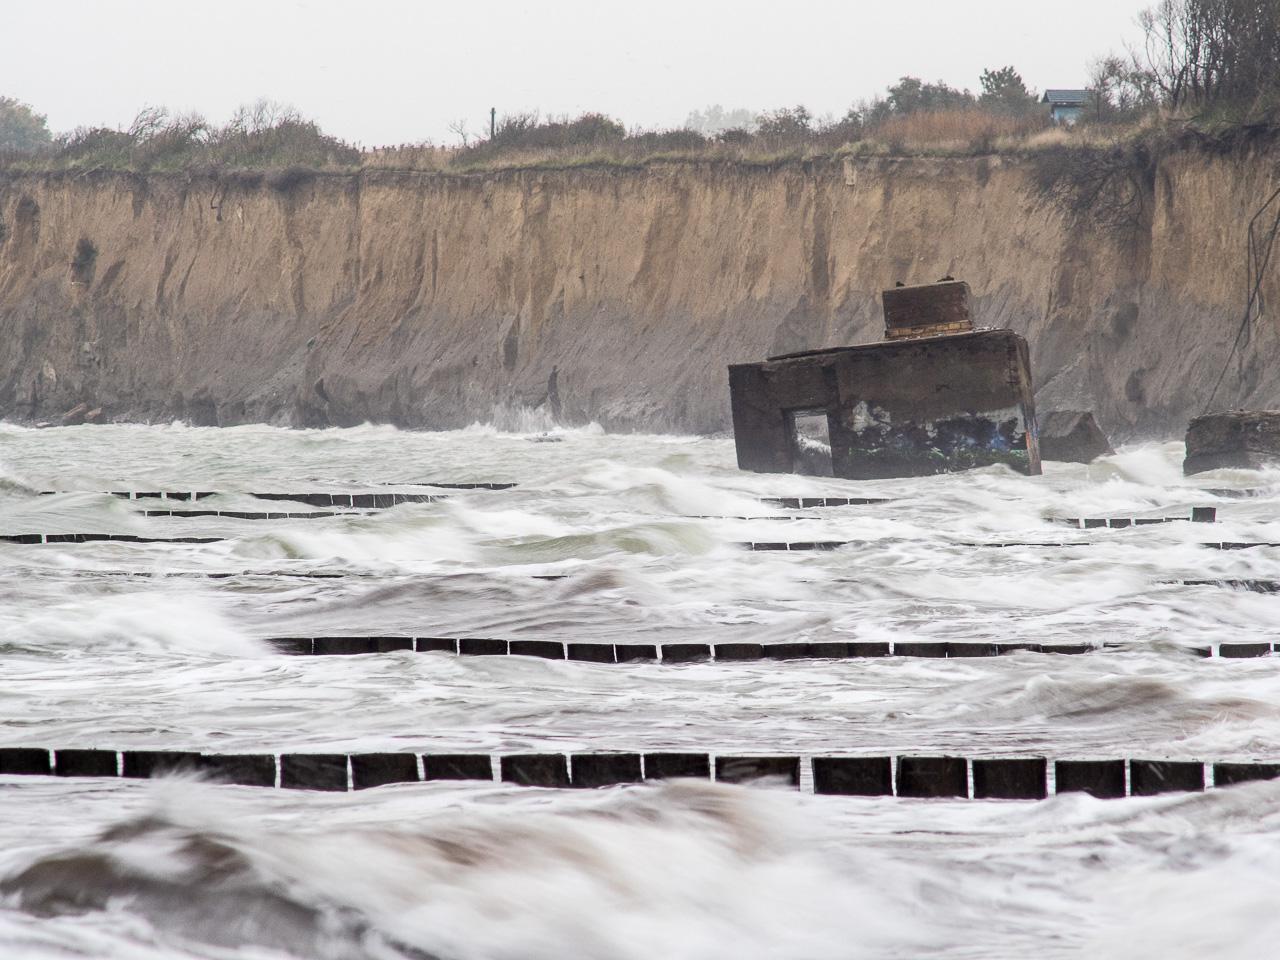 Hohes Ufer bei Regen und Sturm